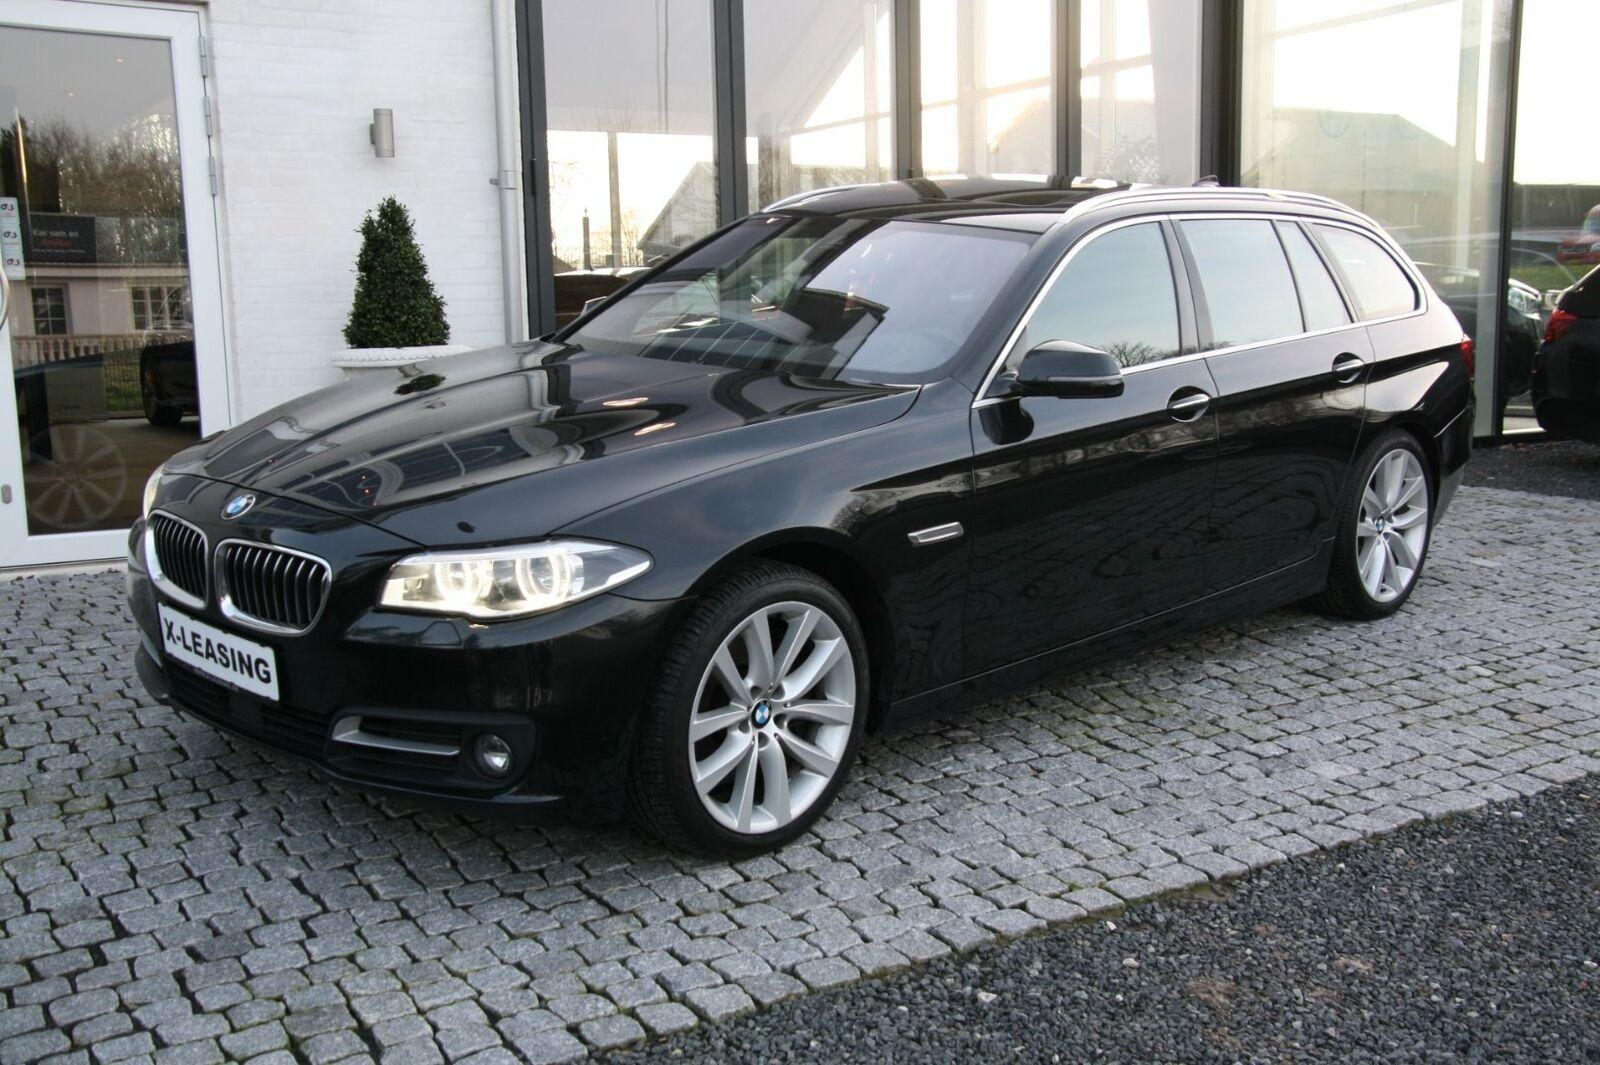 BMW 535d 3,0 Touring M-Sport xDrive aut. 5d - 2.785 kr.